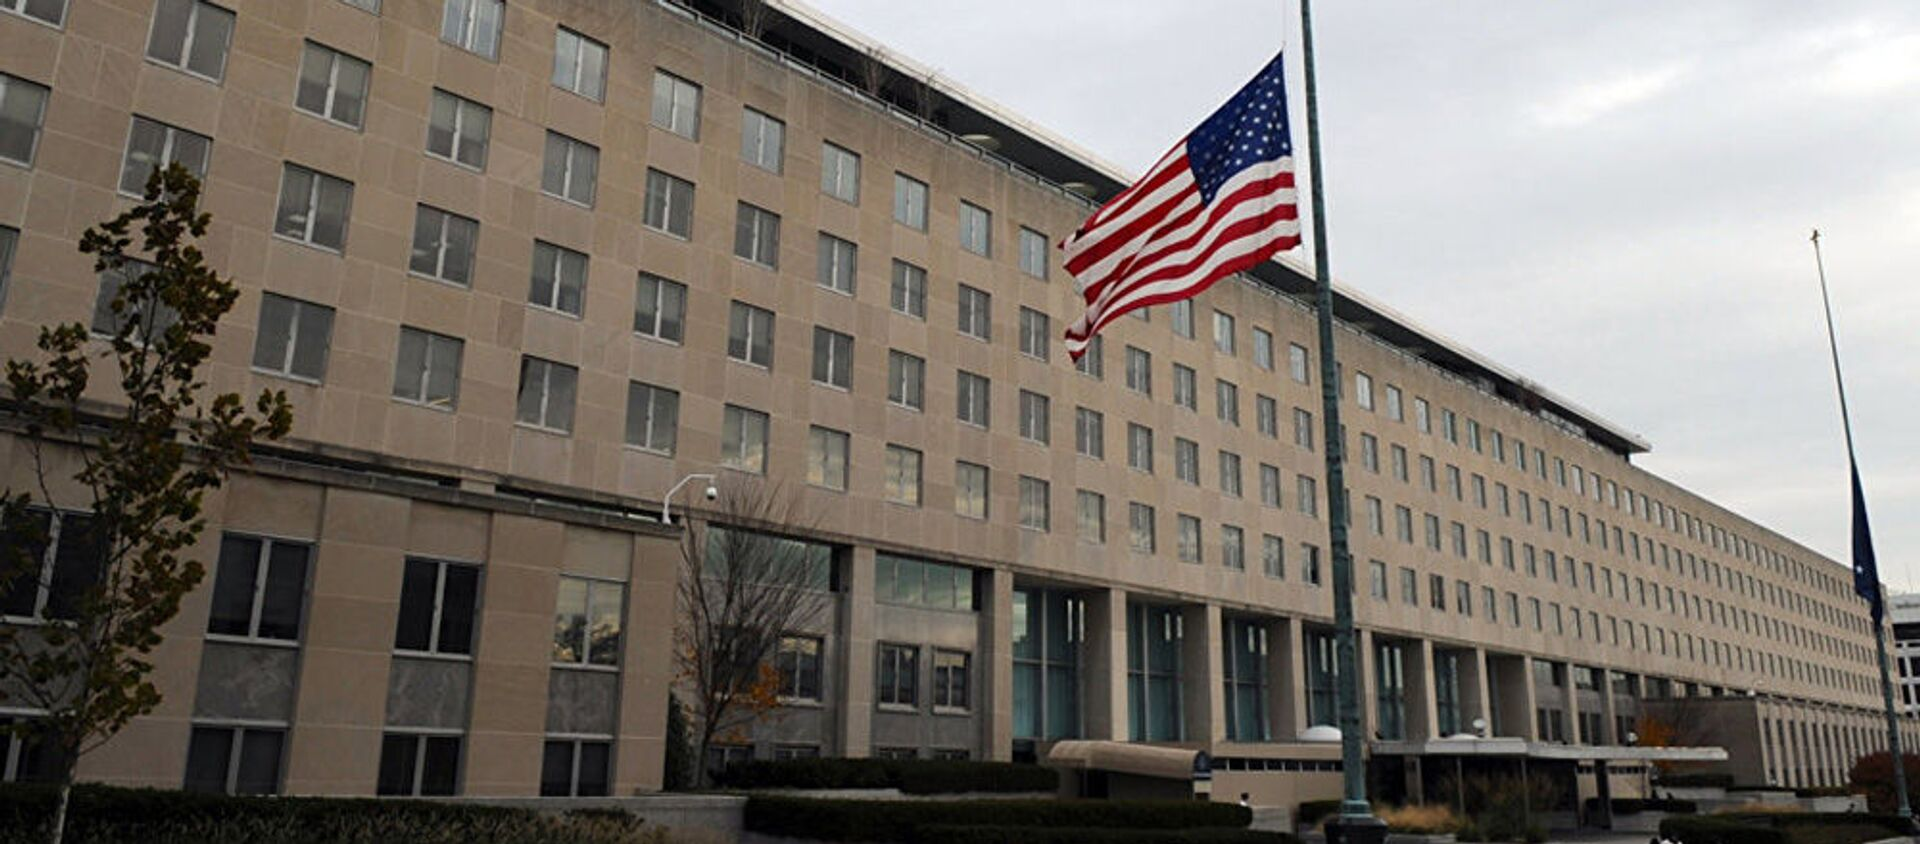 Departament Stanu USA w Waszyngtonie - Sputnik Polska, 1920, 22.04.2021